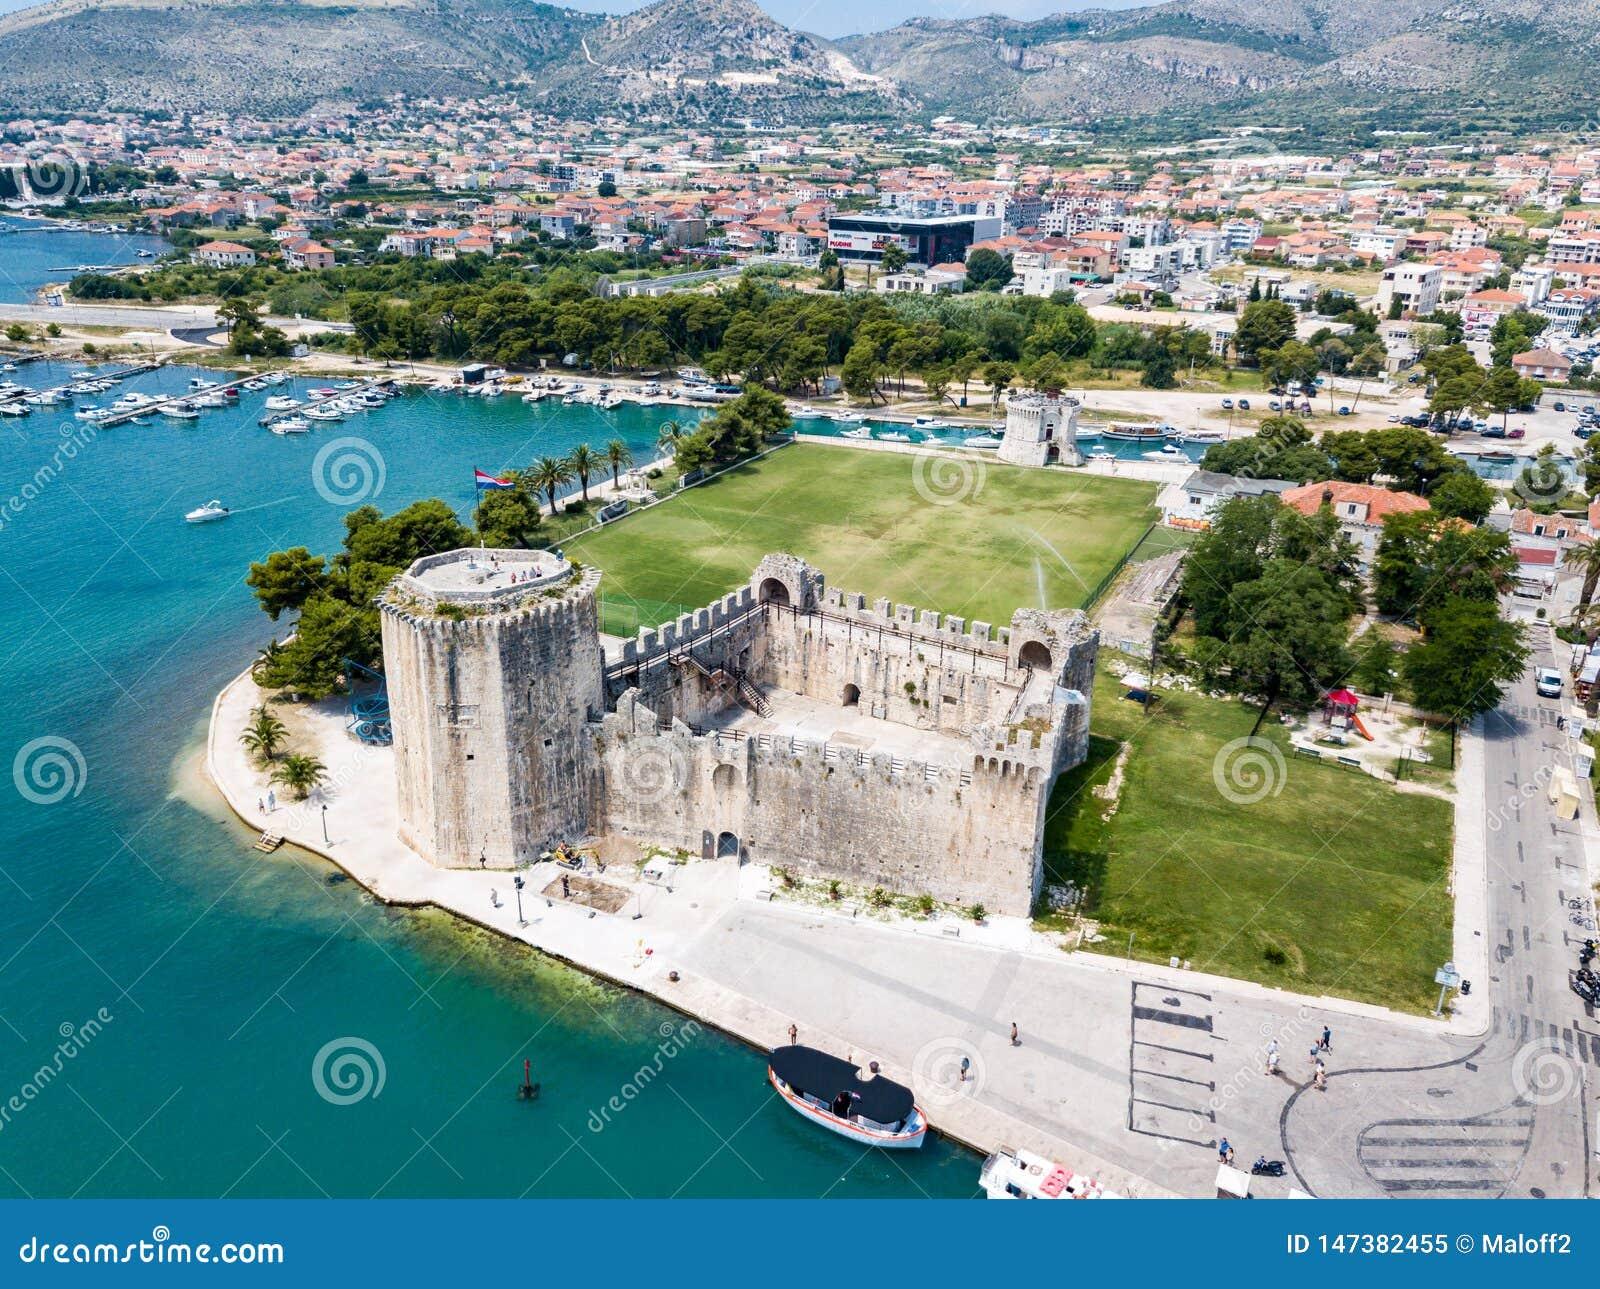 Castillo de Kamerlengo de la piedra, paredes medievales de la ciudad y puerto deportivo de los yates Vista aérea de Trogir viejo